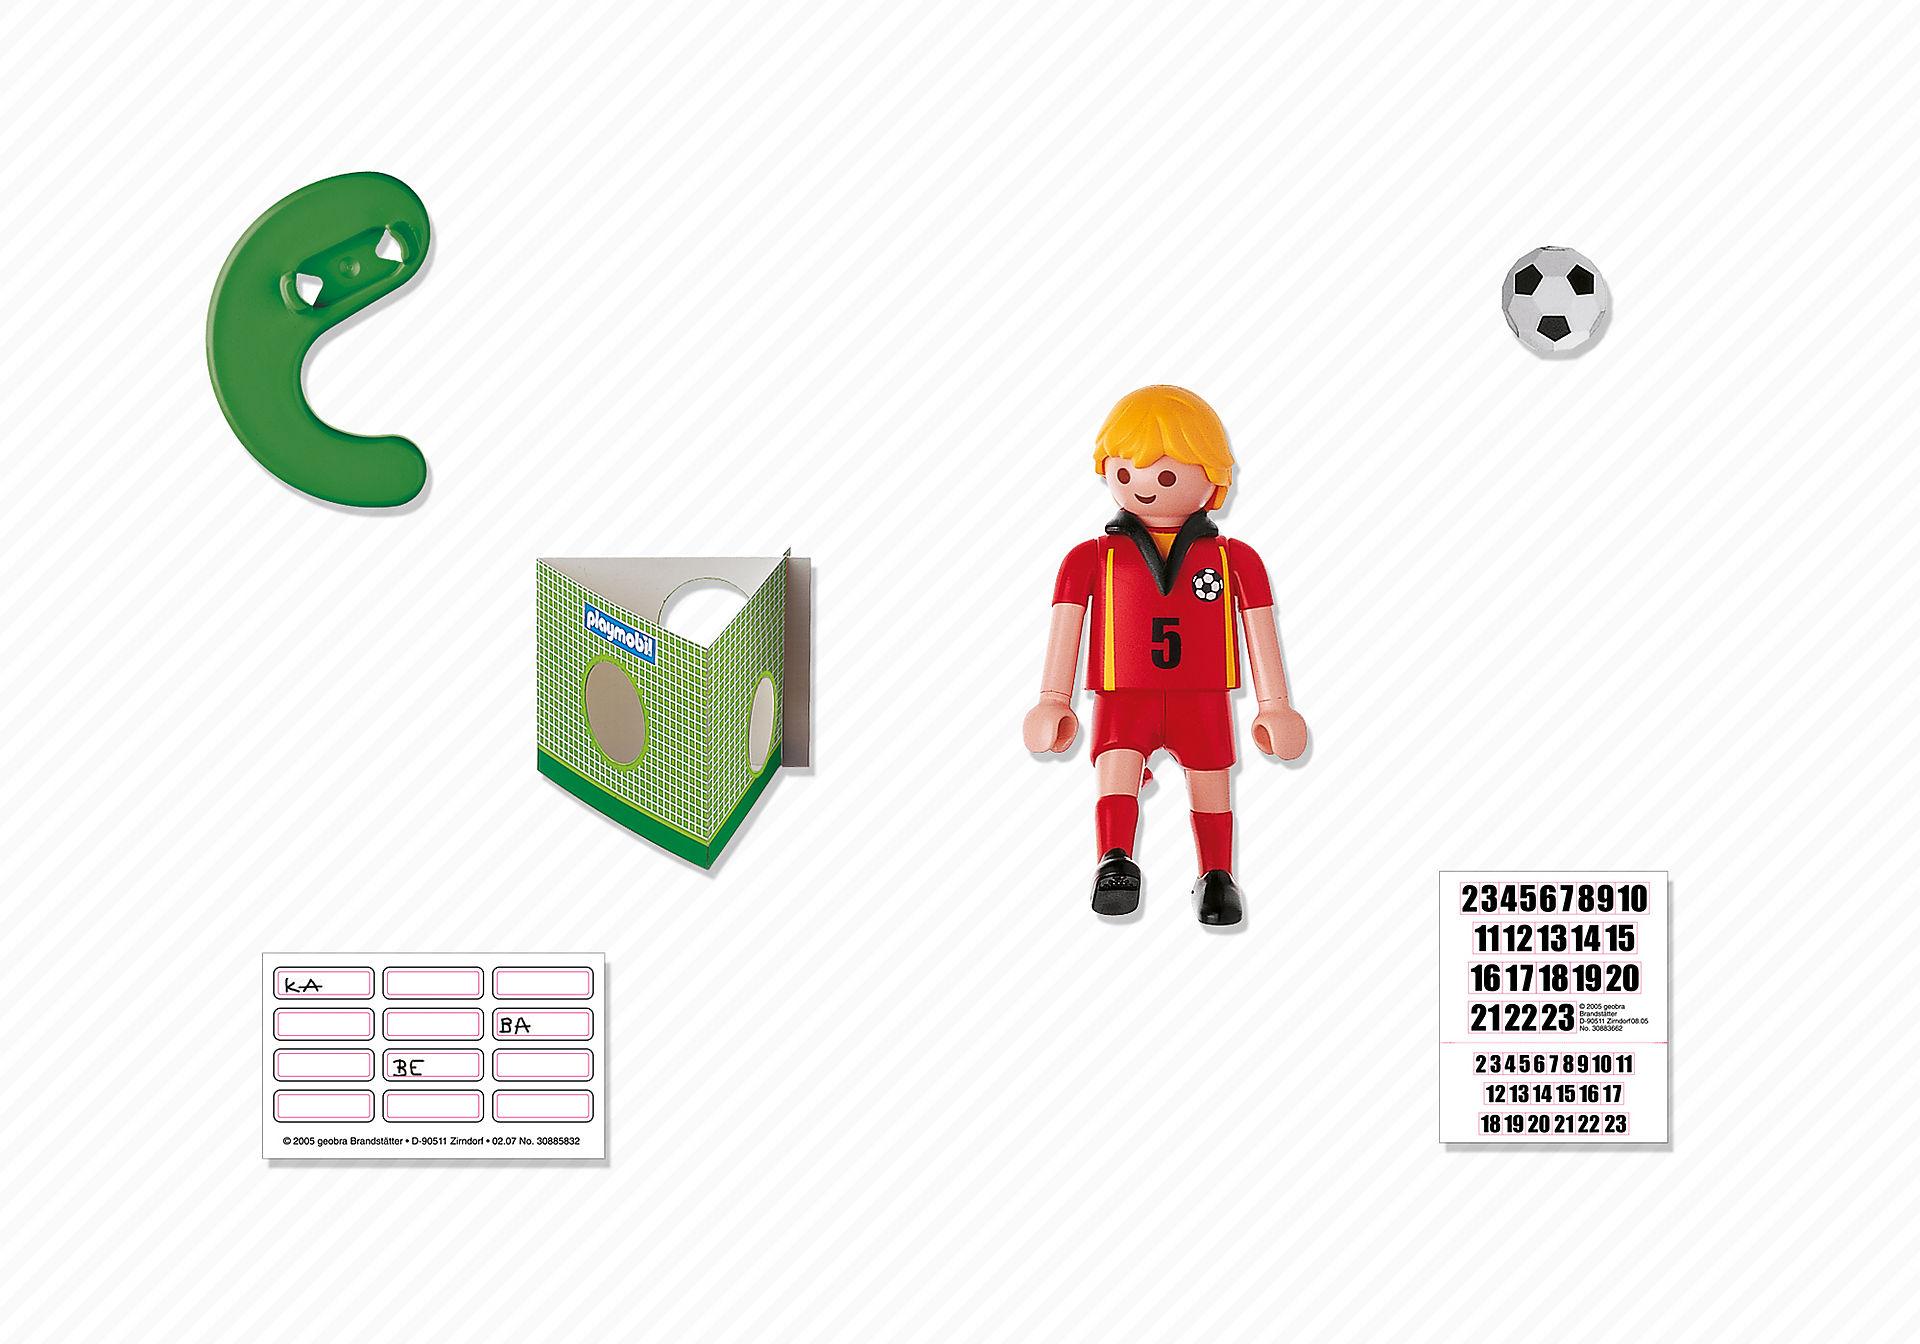 4706-A Fußballspieler Belgien zoom image2